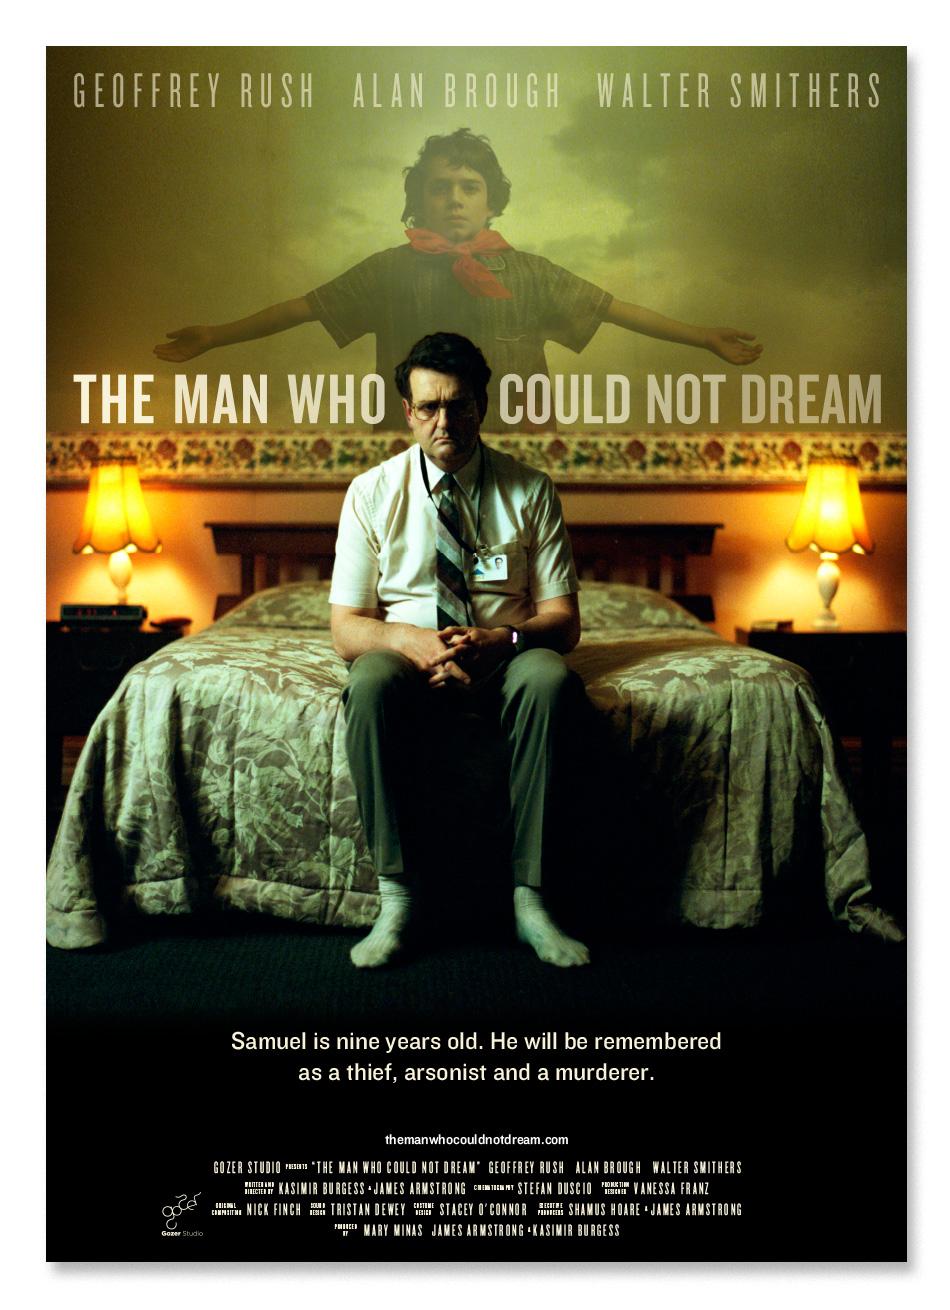 Film poster design